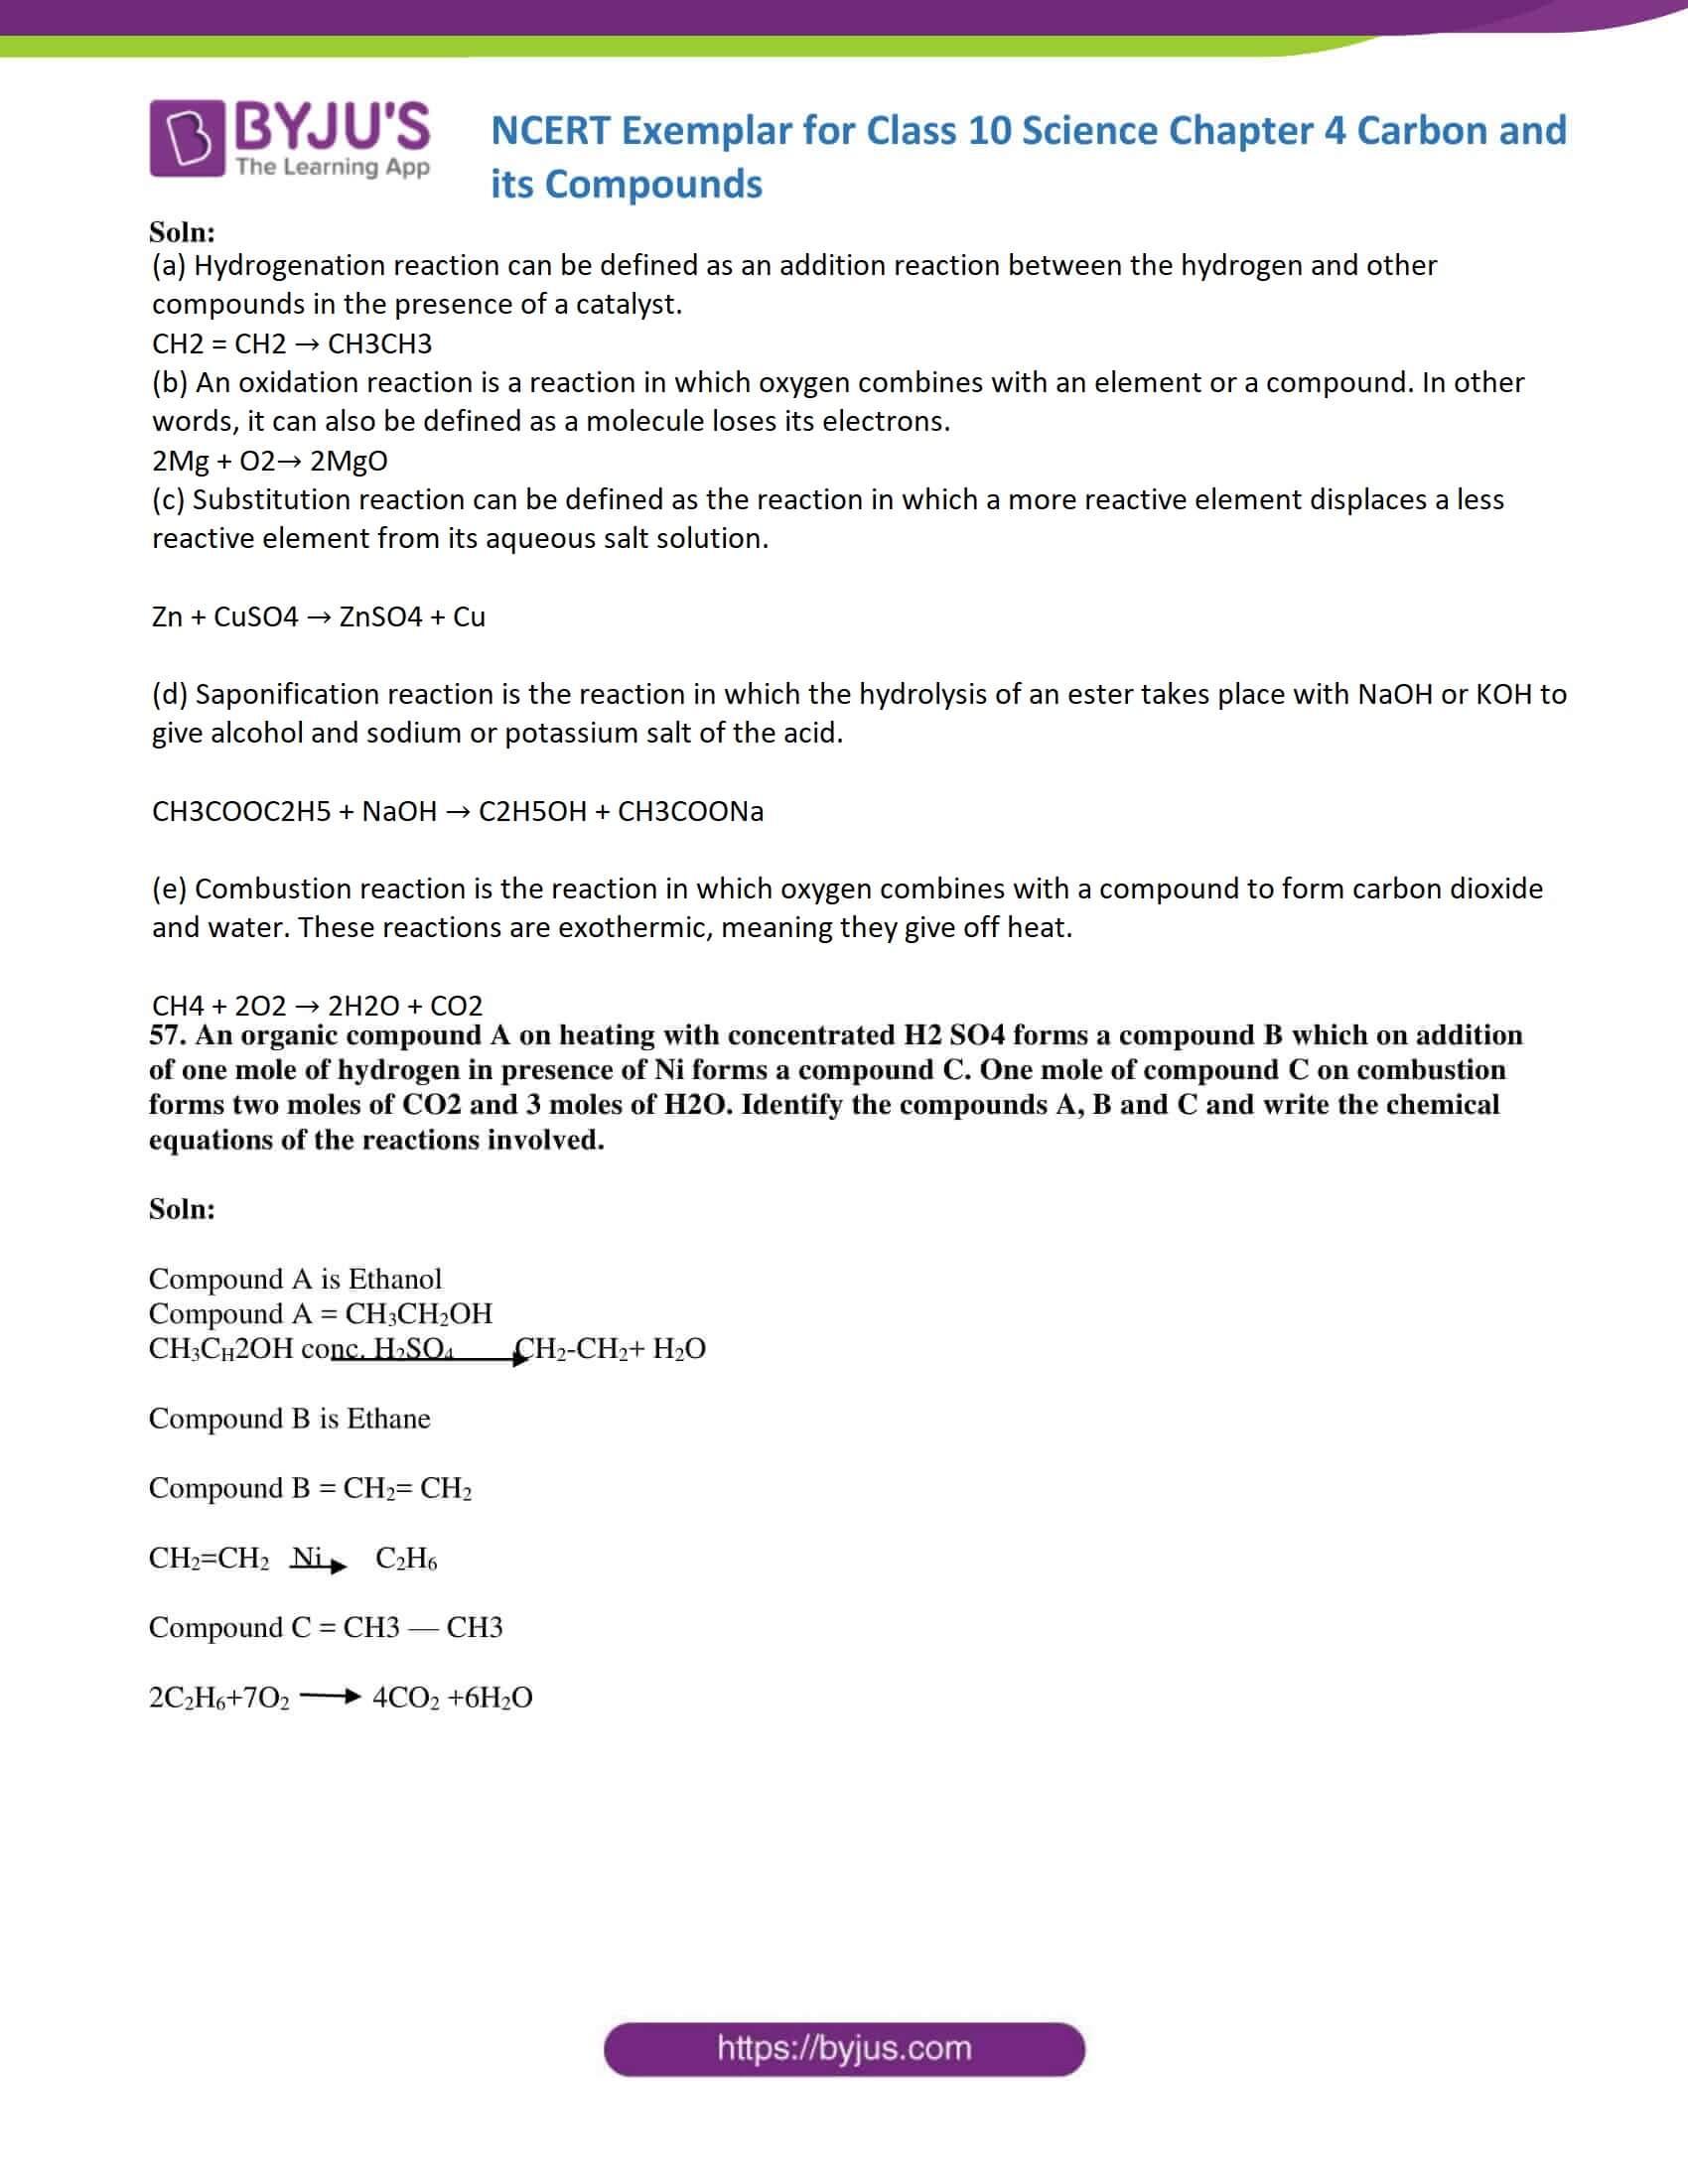 NCERT Exemplar solution class 10 Science Chapter 4 part 24